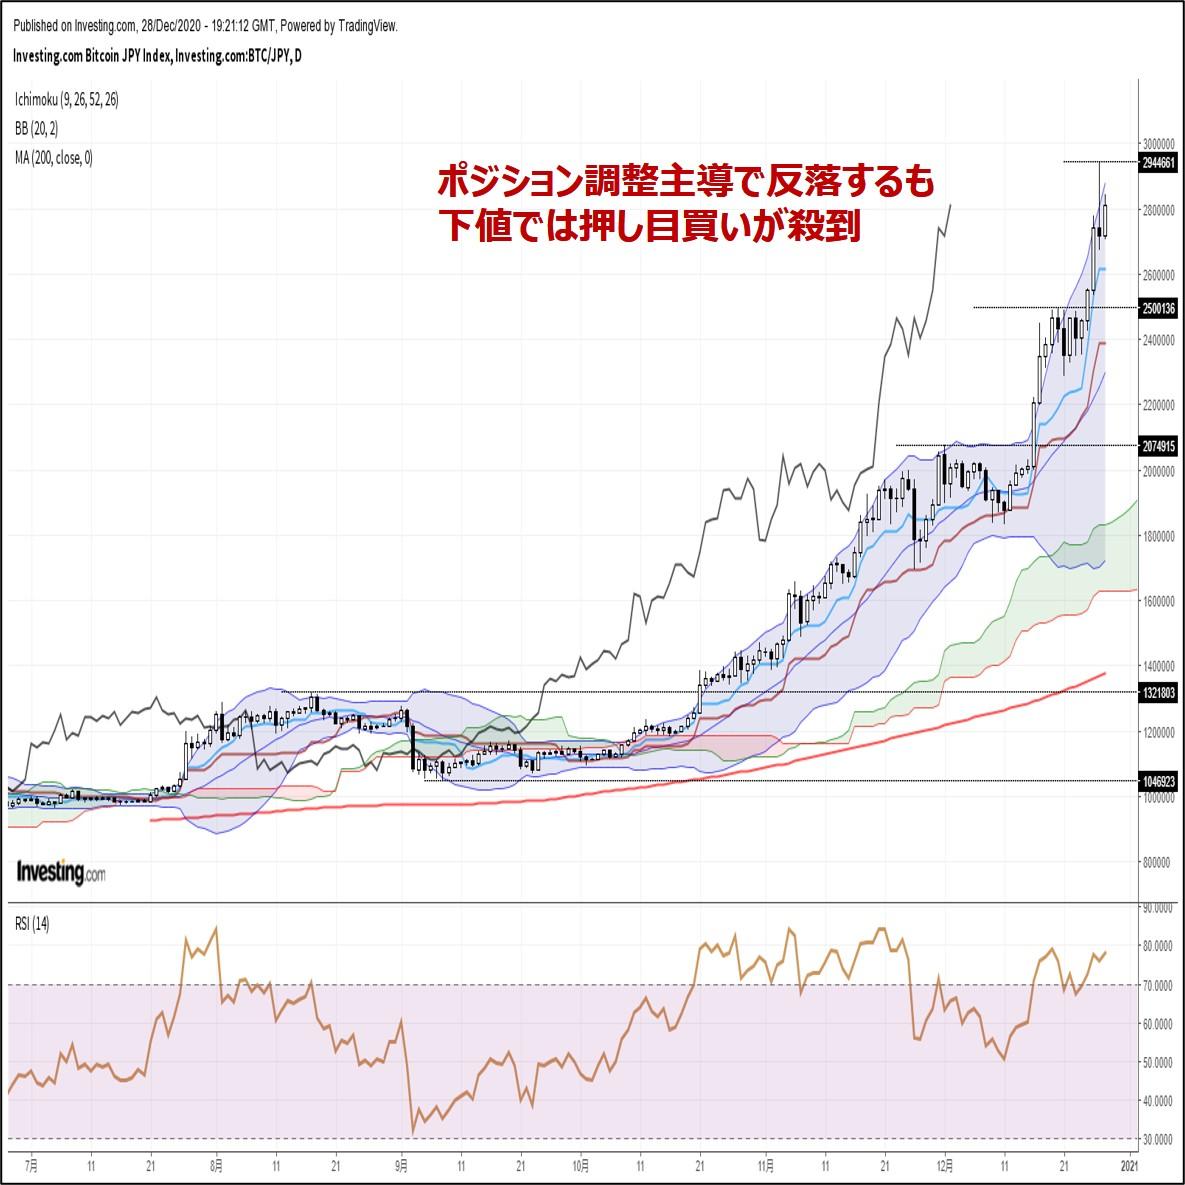 ビットコイン円、ポジション調整主導で反落するも下値では押し目買いが殺到(12/29朝)